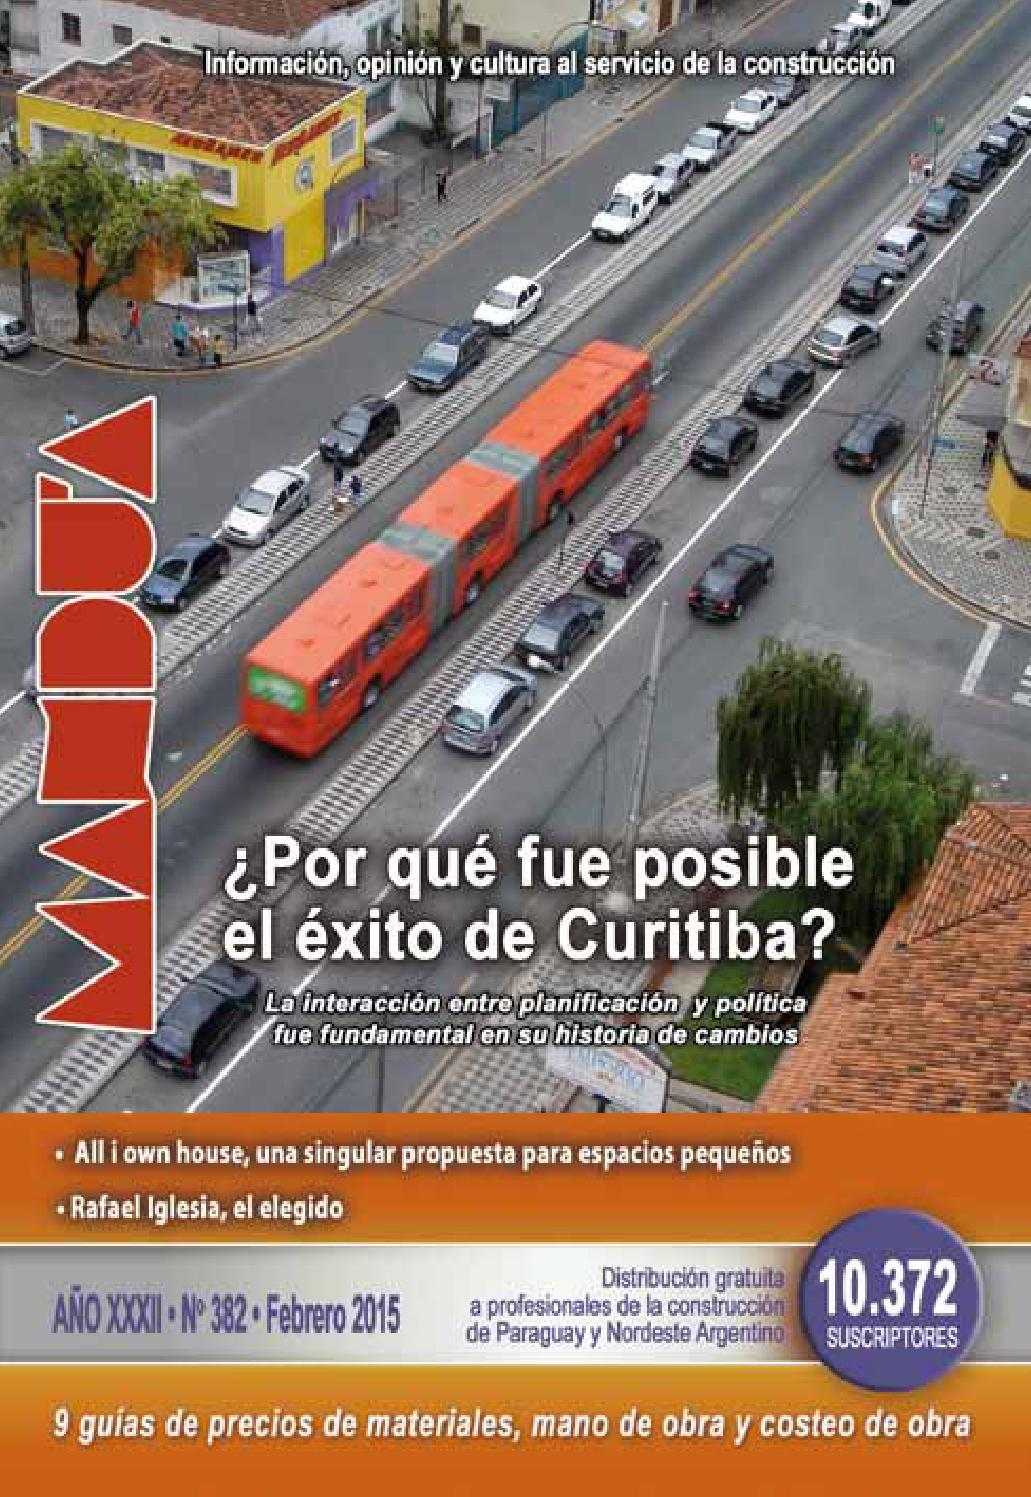 Revista Mandu\'a - #382 - Febrero 2015 by Revista Mandu\'a - issuu